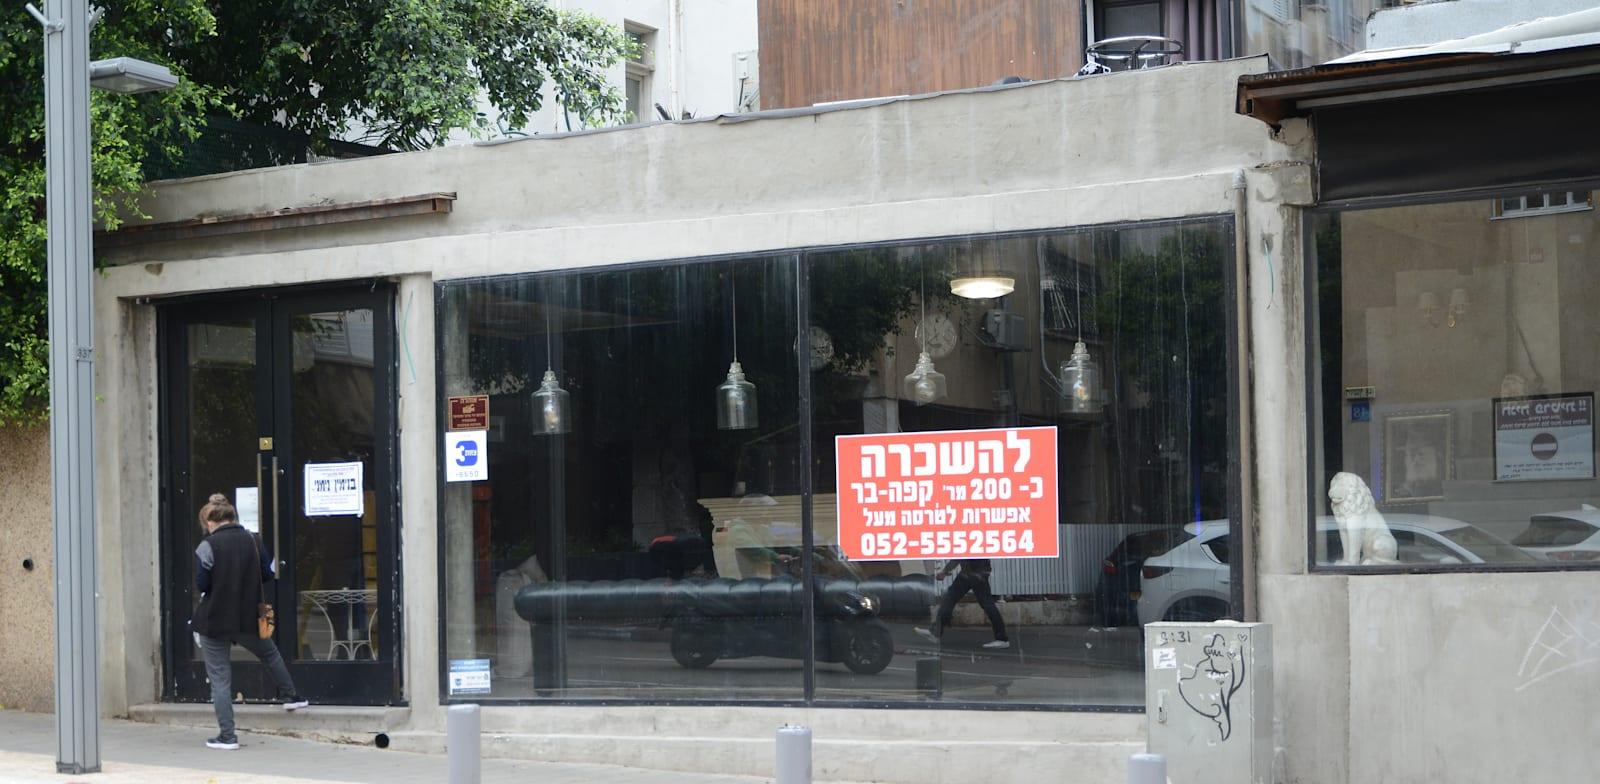 חנויות להשכרה ברחוב דיזנגוף בתל אביב / צילום: איל יצהר